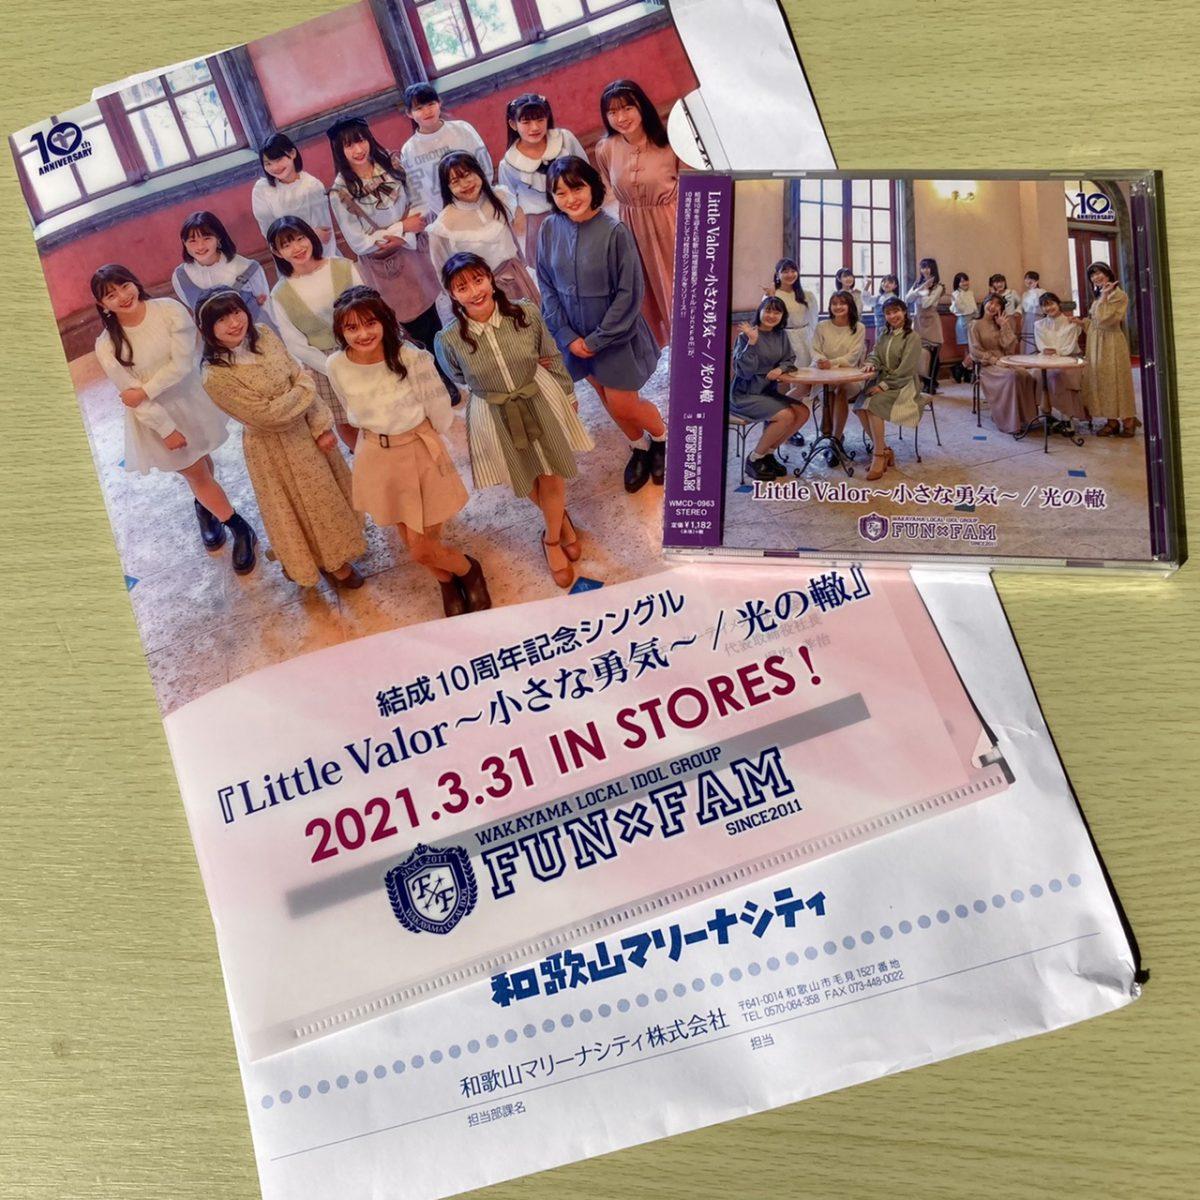 和歌山地域密着型アイドルグループ「Fun×Fam(ファンファン)」結成10周年、おめでとうございます!!